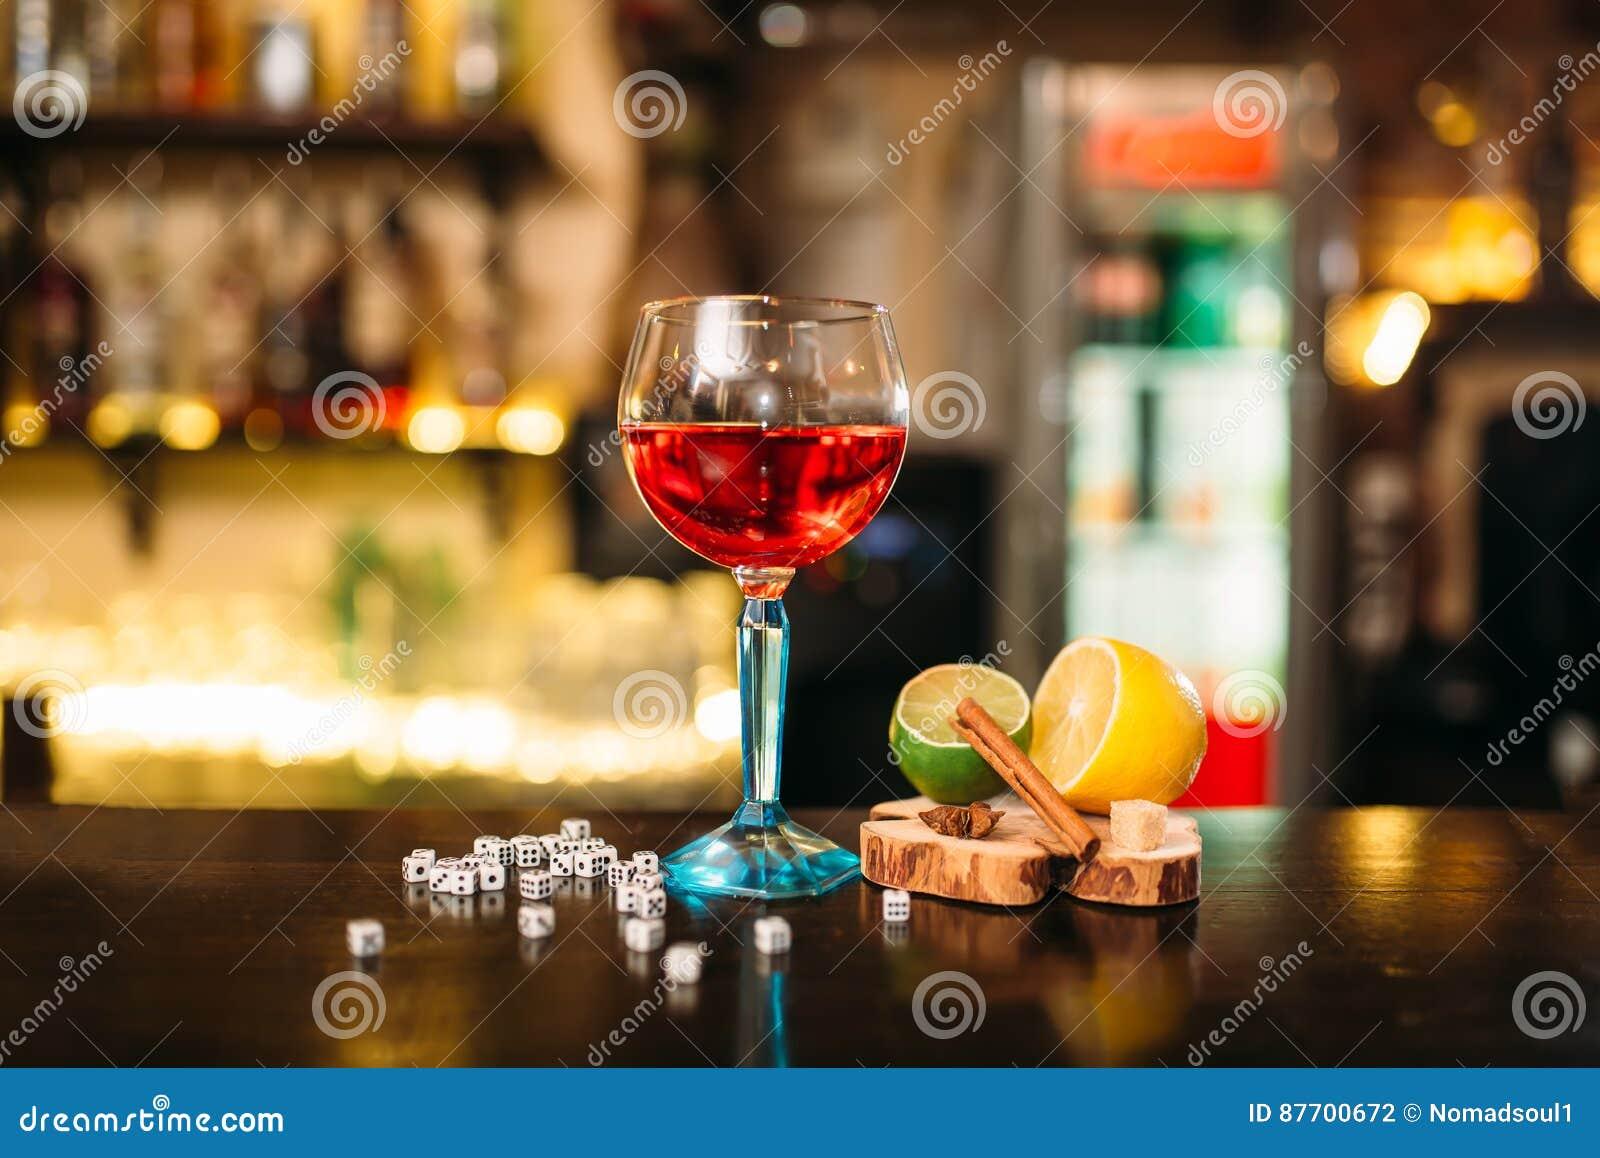 Boisson dans le verre, la chaux, le citron, le sel et les matrices